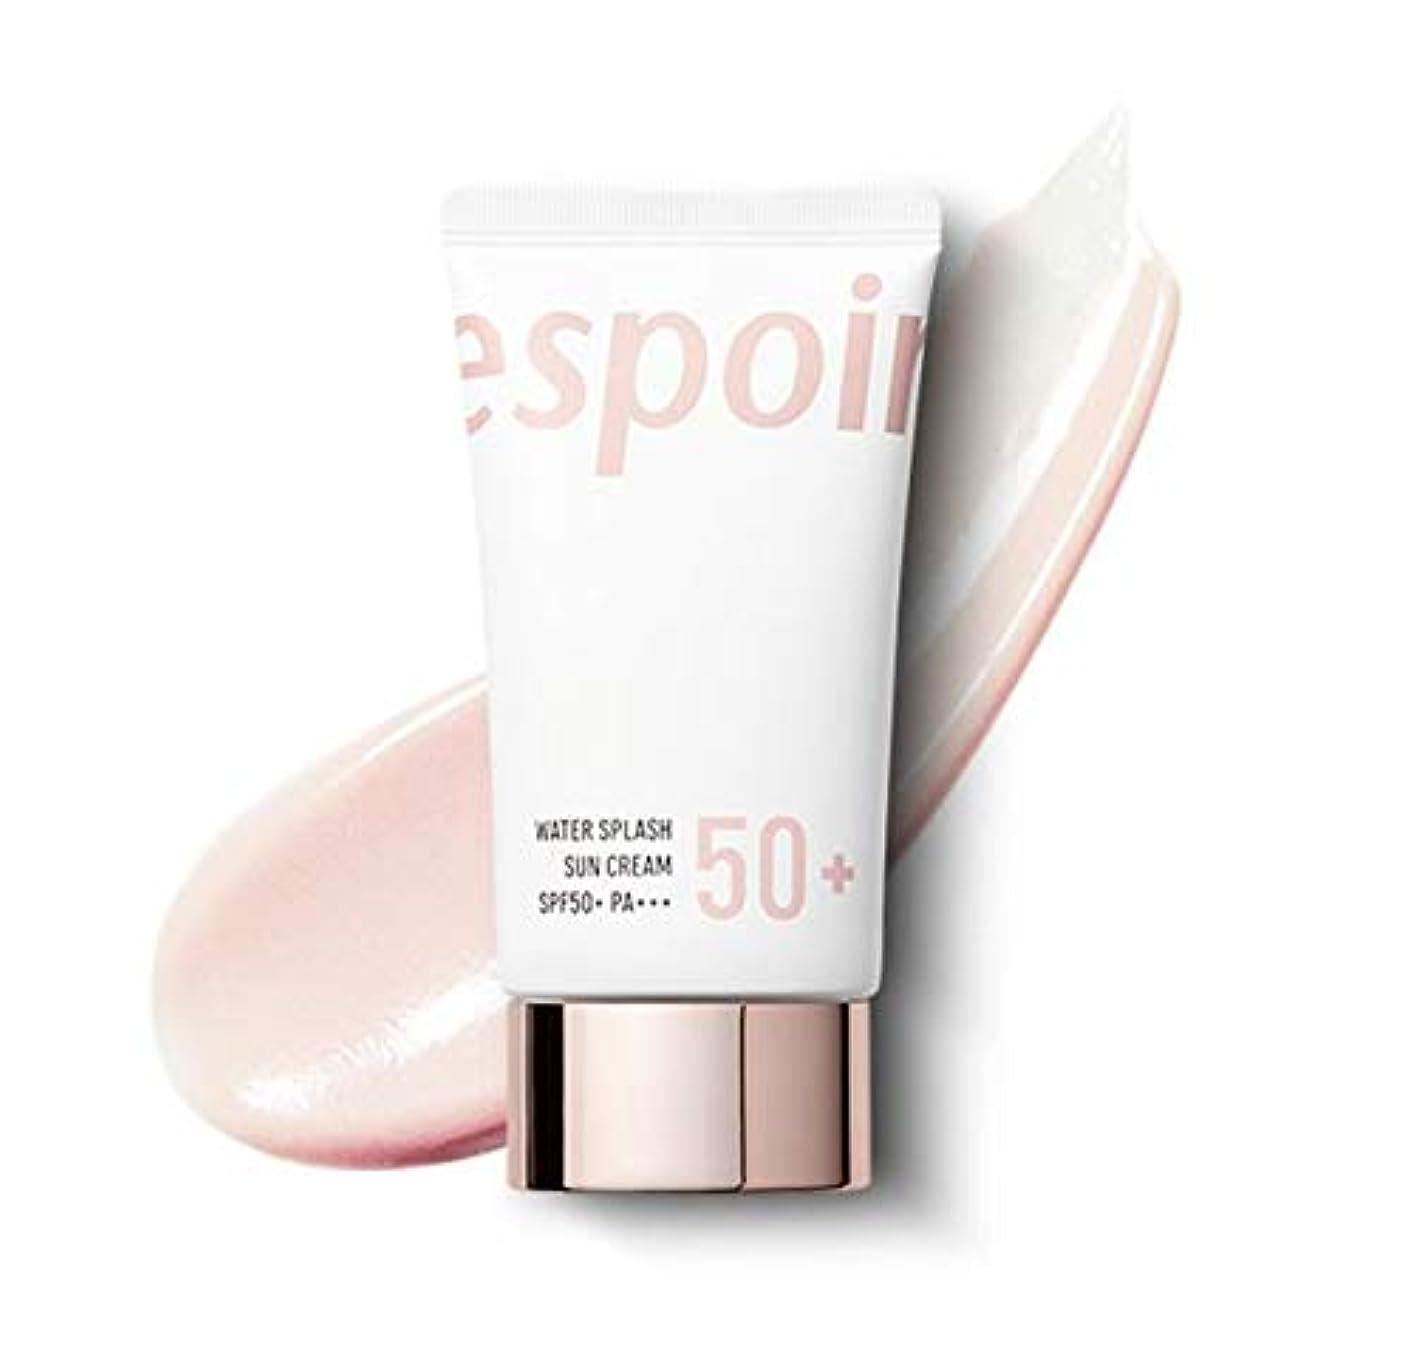 目に見える代表する露出度の高いeSpoir Water Splash Sun Cream SPF50+PA+++ (R) / エスポワール ウォータースプラッシュ サンクリーム 60ml [並行輸入品]